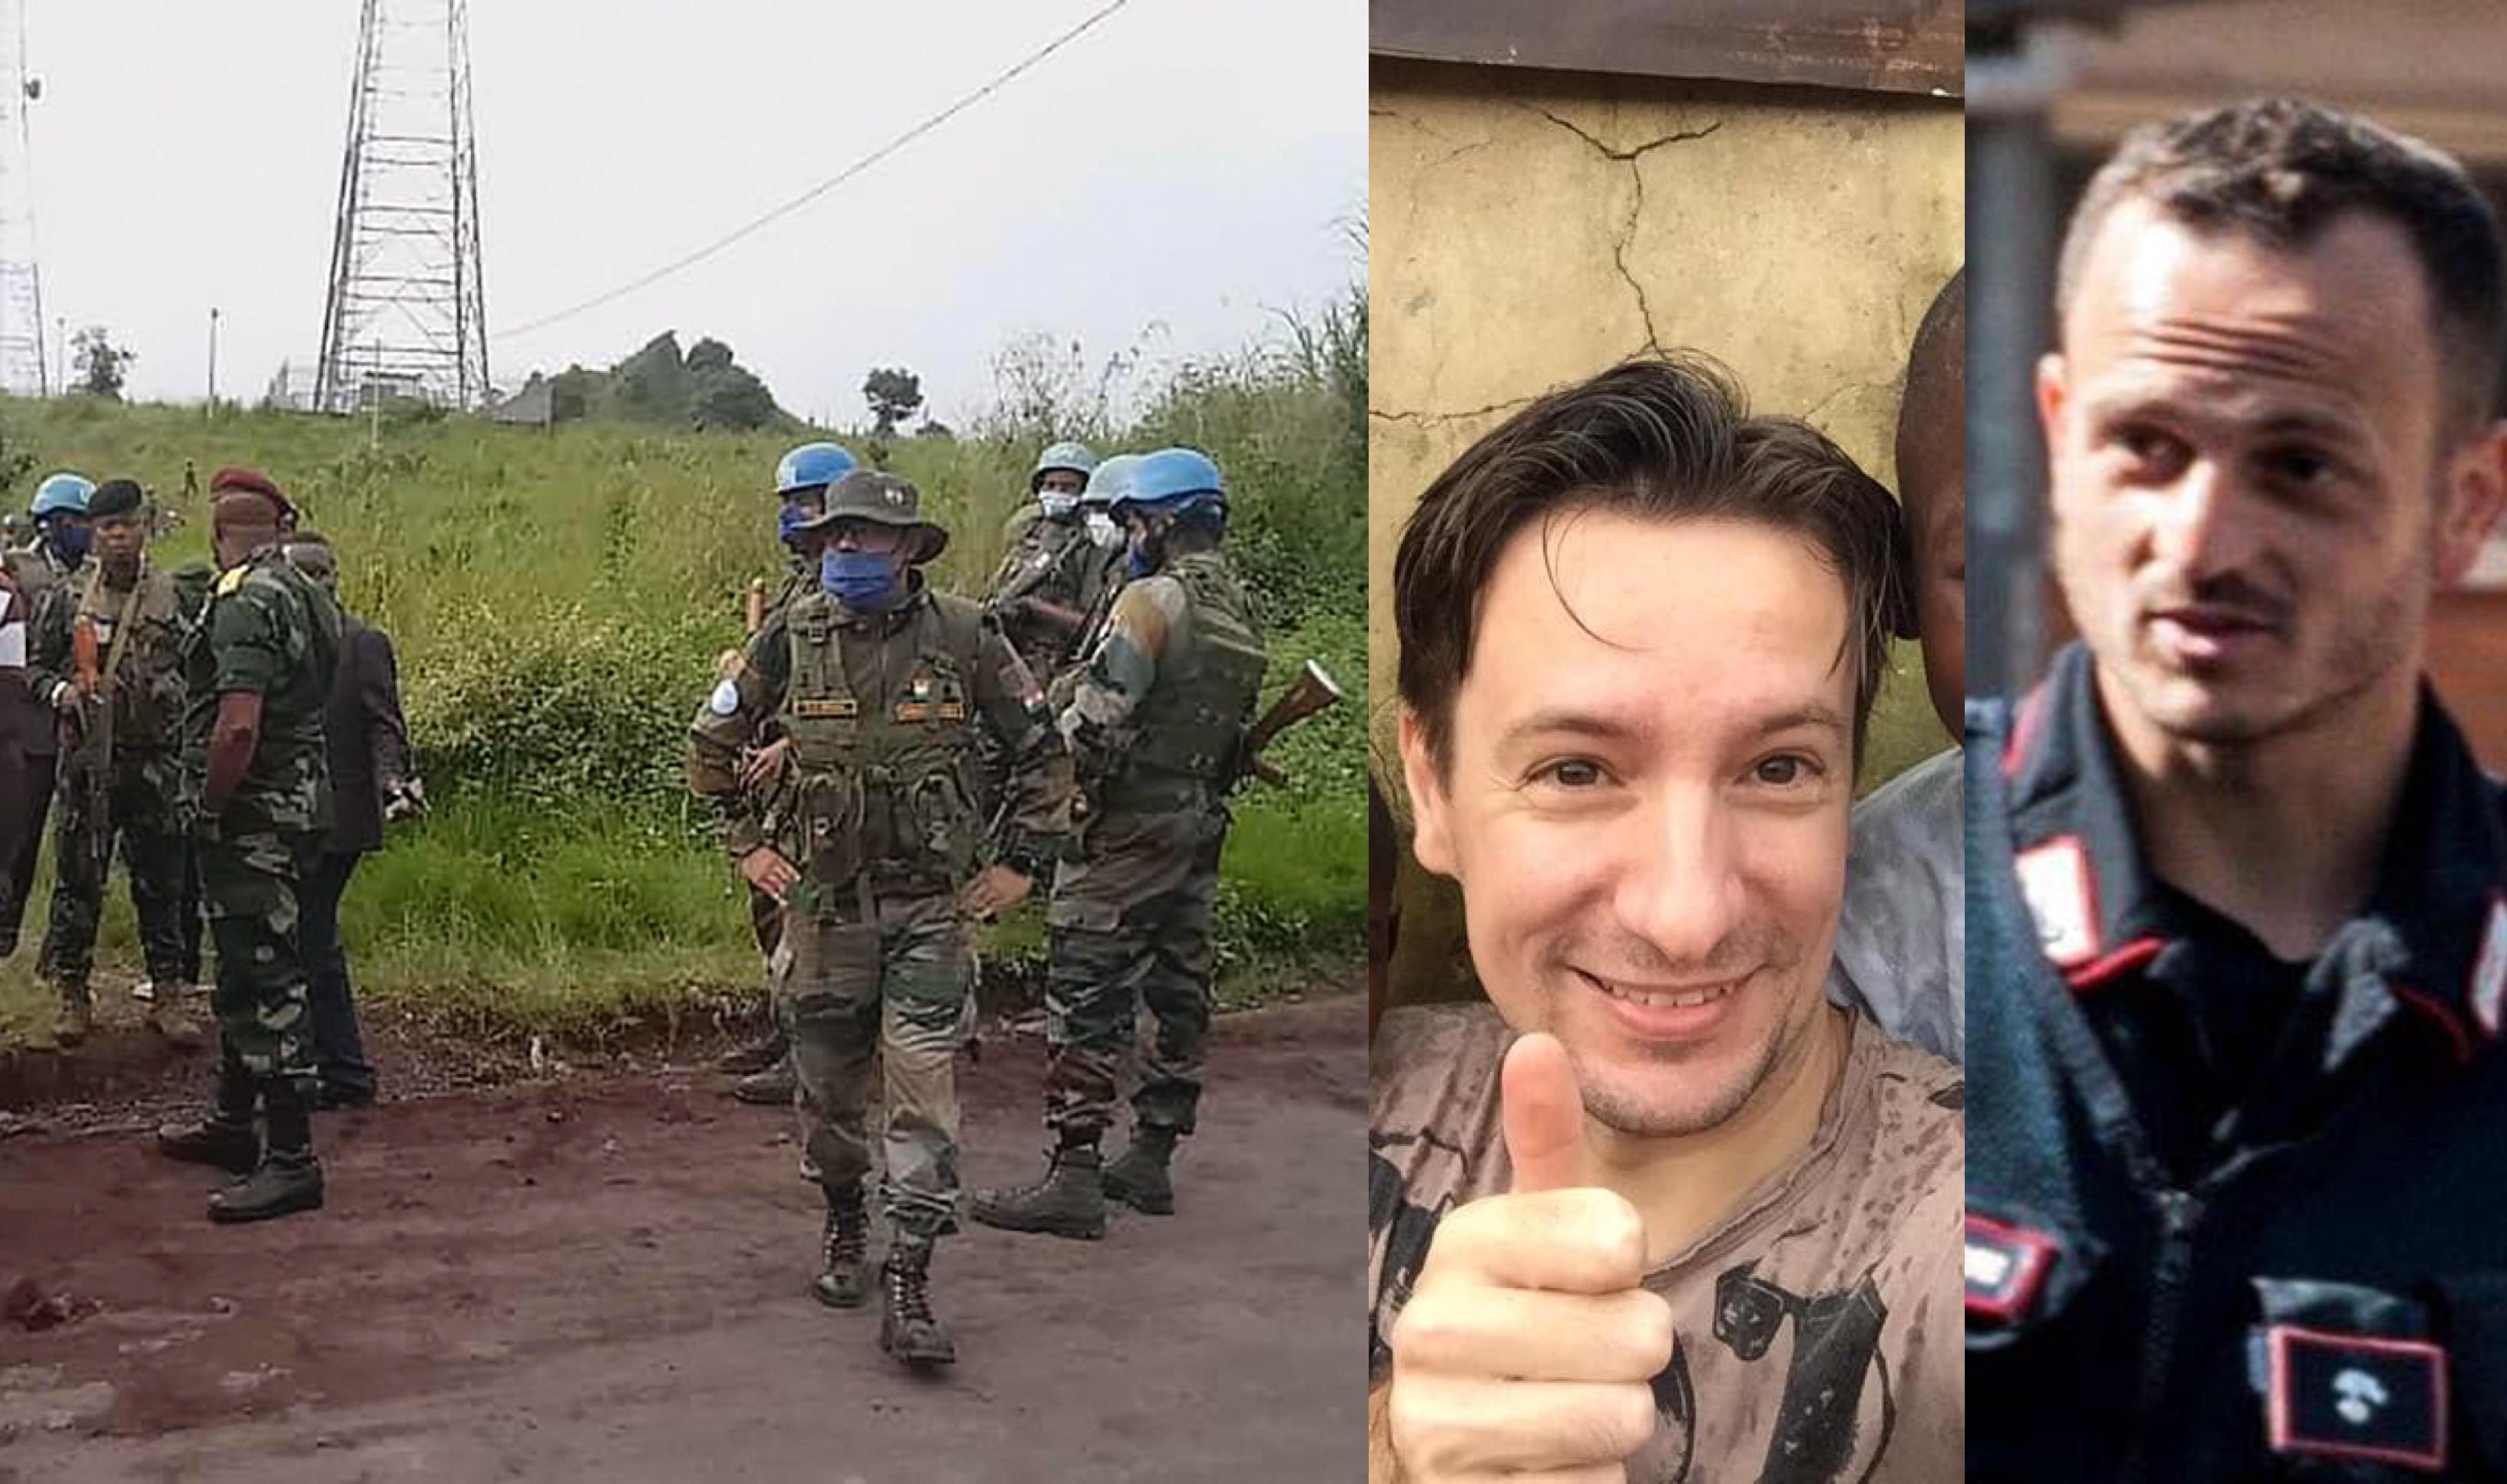 Rusija poslala još 300 instruktora u Srednjoafričku republiku - Page 3 Attentato_congo_attanasio24